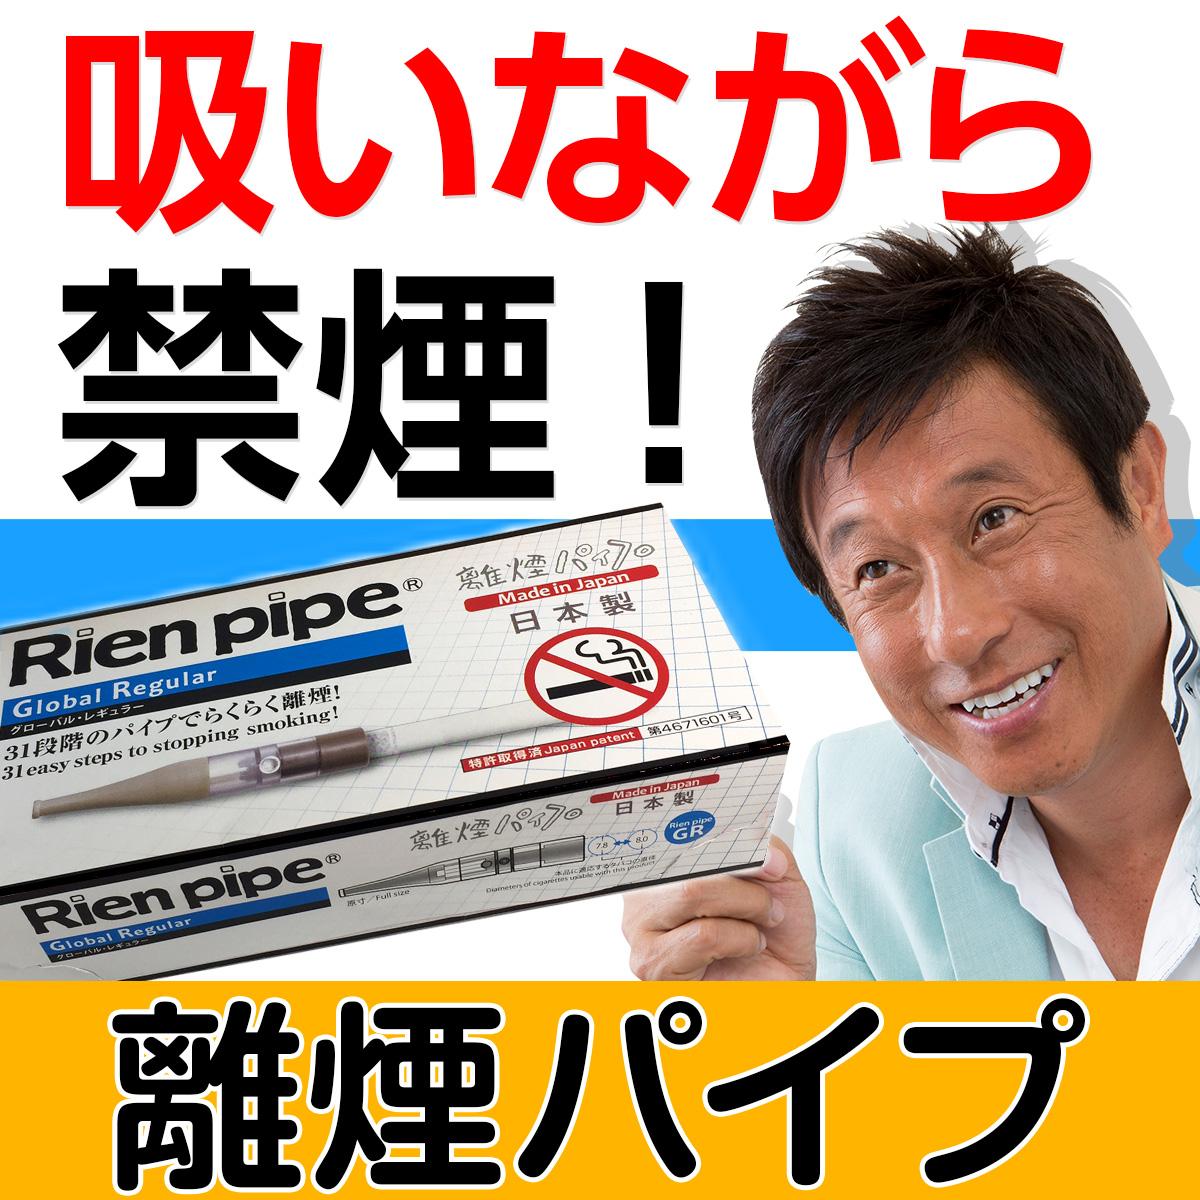 吸いたい気持ちをガマンせず禁煙! 離煙パイプ GR GS 31本セット| いつもの タバコ 日本製 禁煙グッズ 吸いながら 簡単 らくらく 無理なく禁煙 イライラしない 楽な禁煙 離煙 ニコチンパッチ とは違う 禁煙パイプ